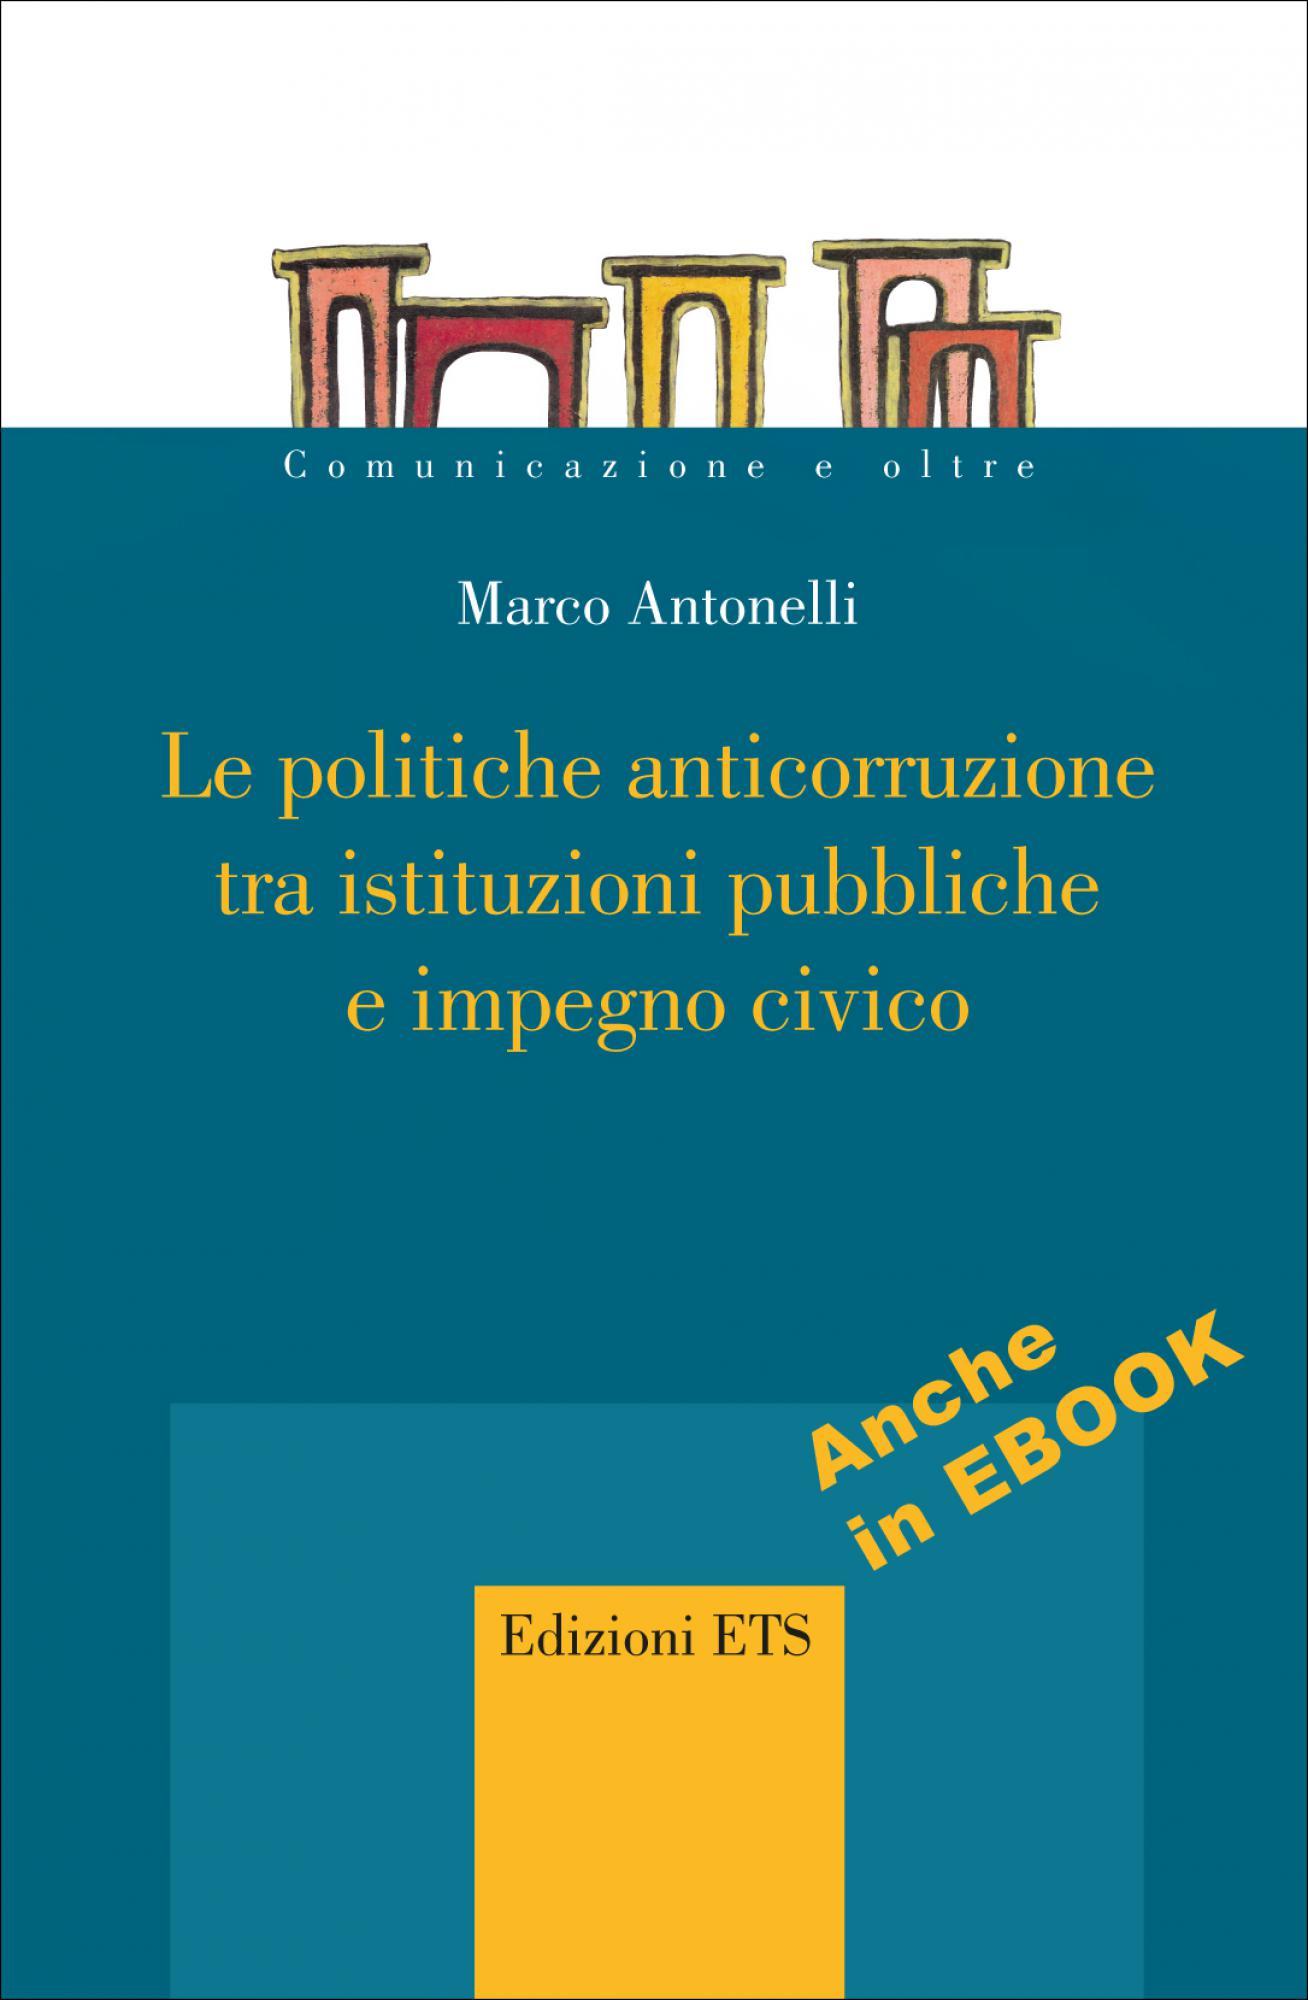 Le politiche anticorruzione tra istituzioni pubbliche e impegno civico